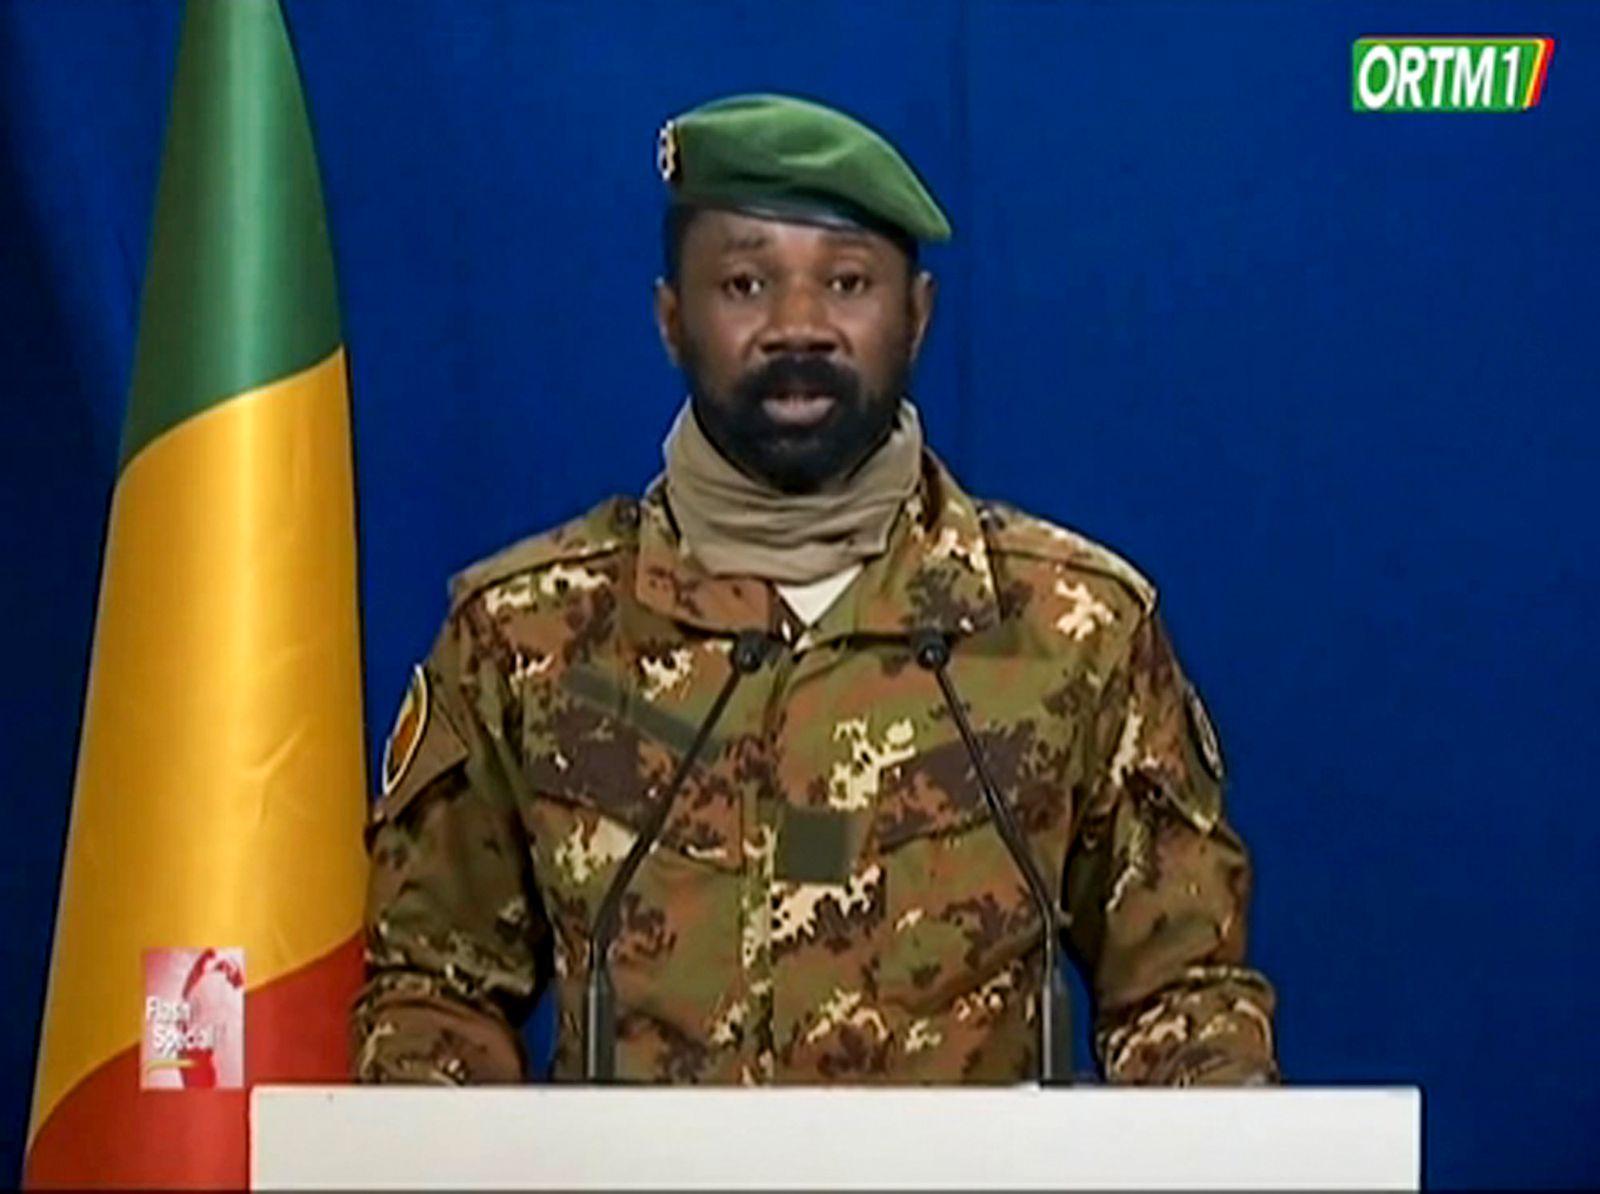 Militärjunta in Mali ernennt Übergangs- und Vizepräsidenten